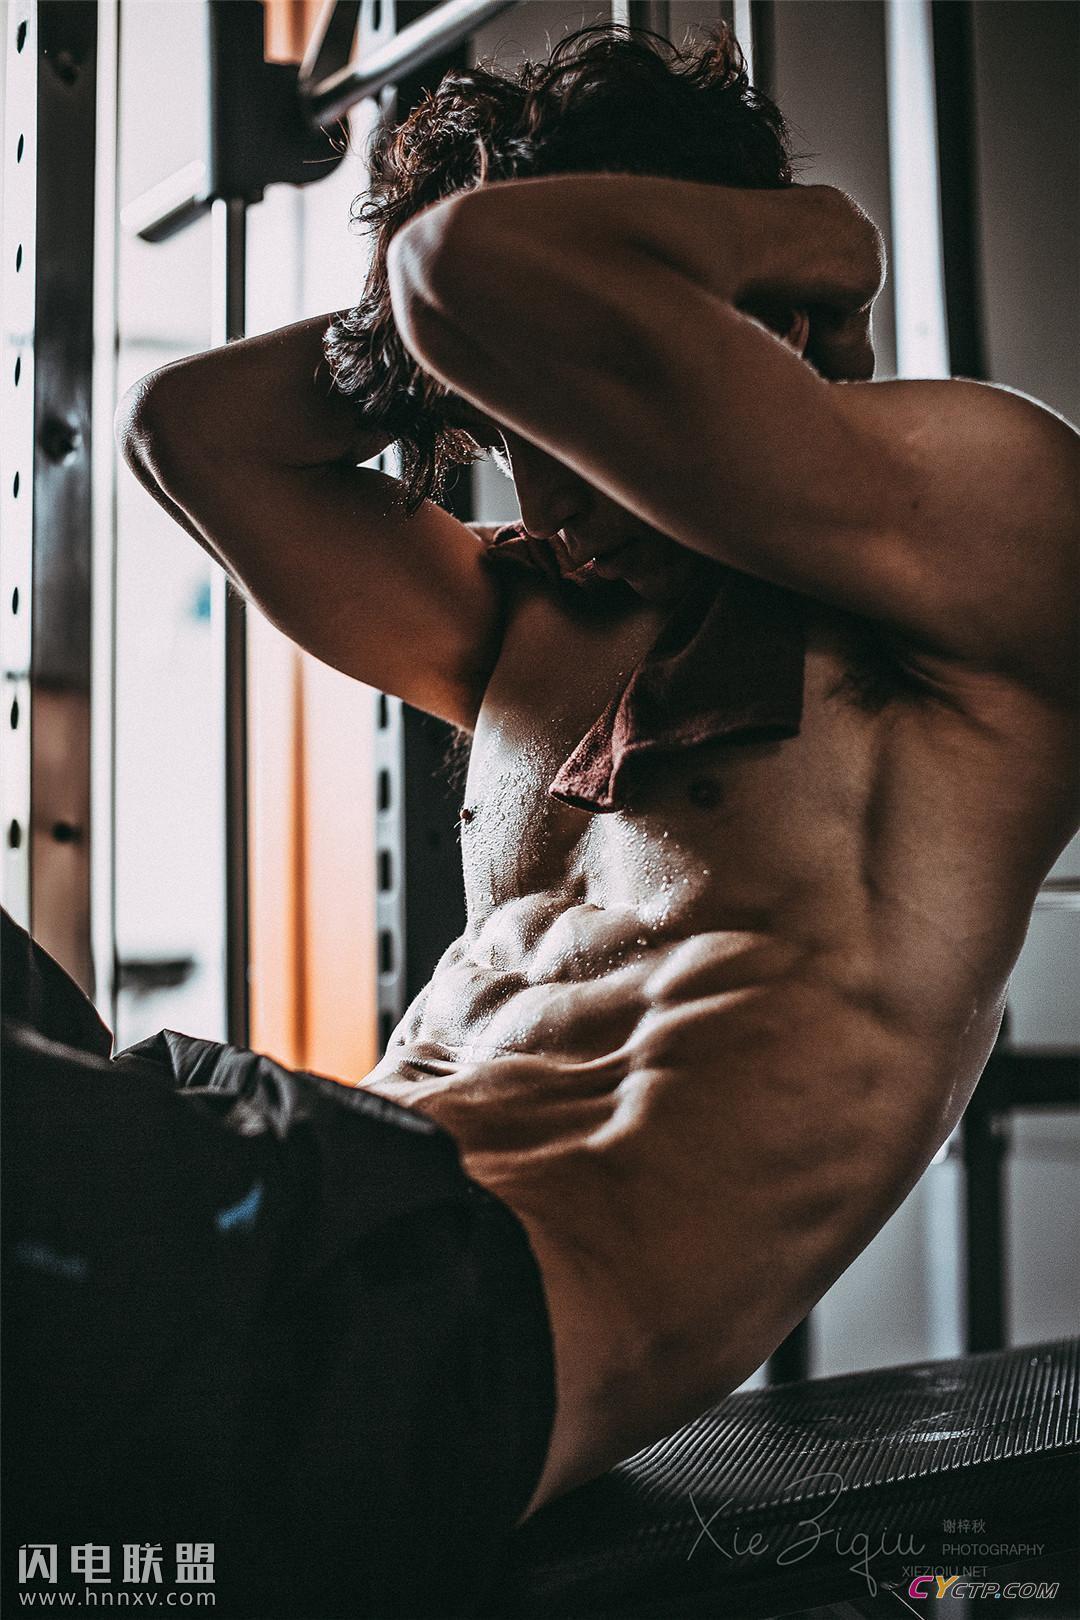 帅哥图片网性感肌肉帅哥图片